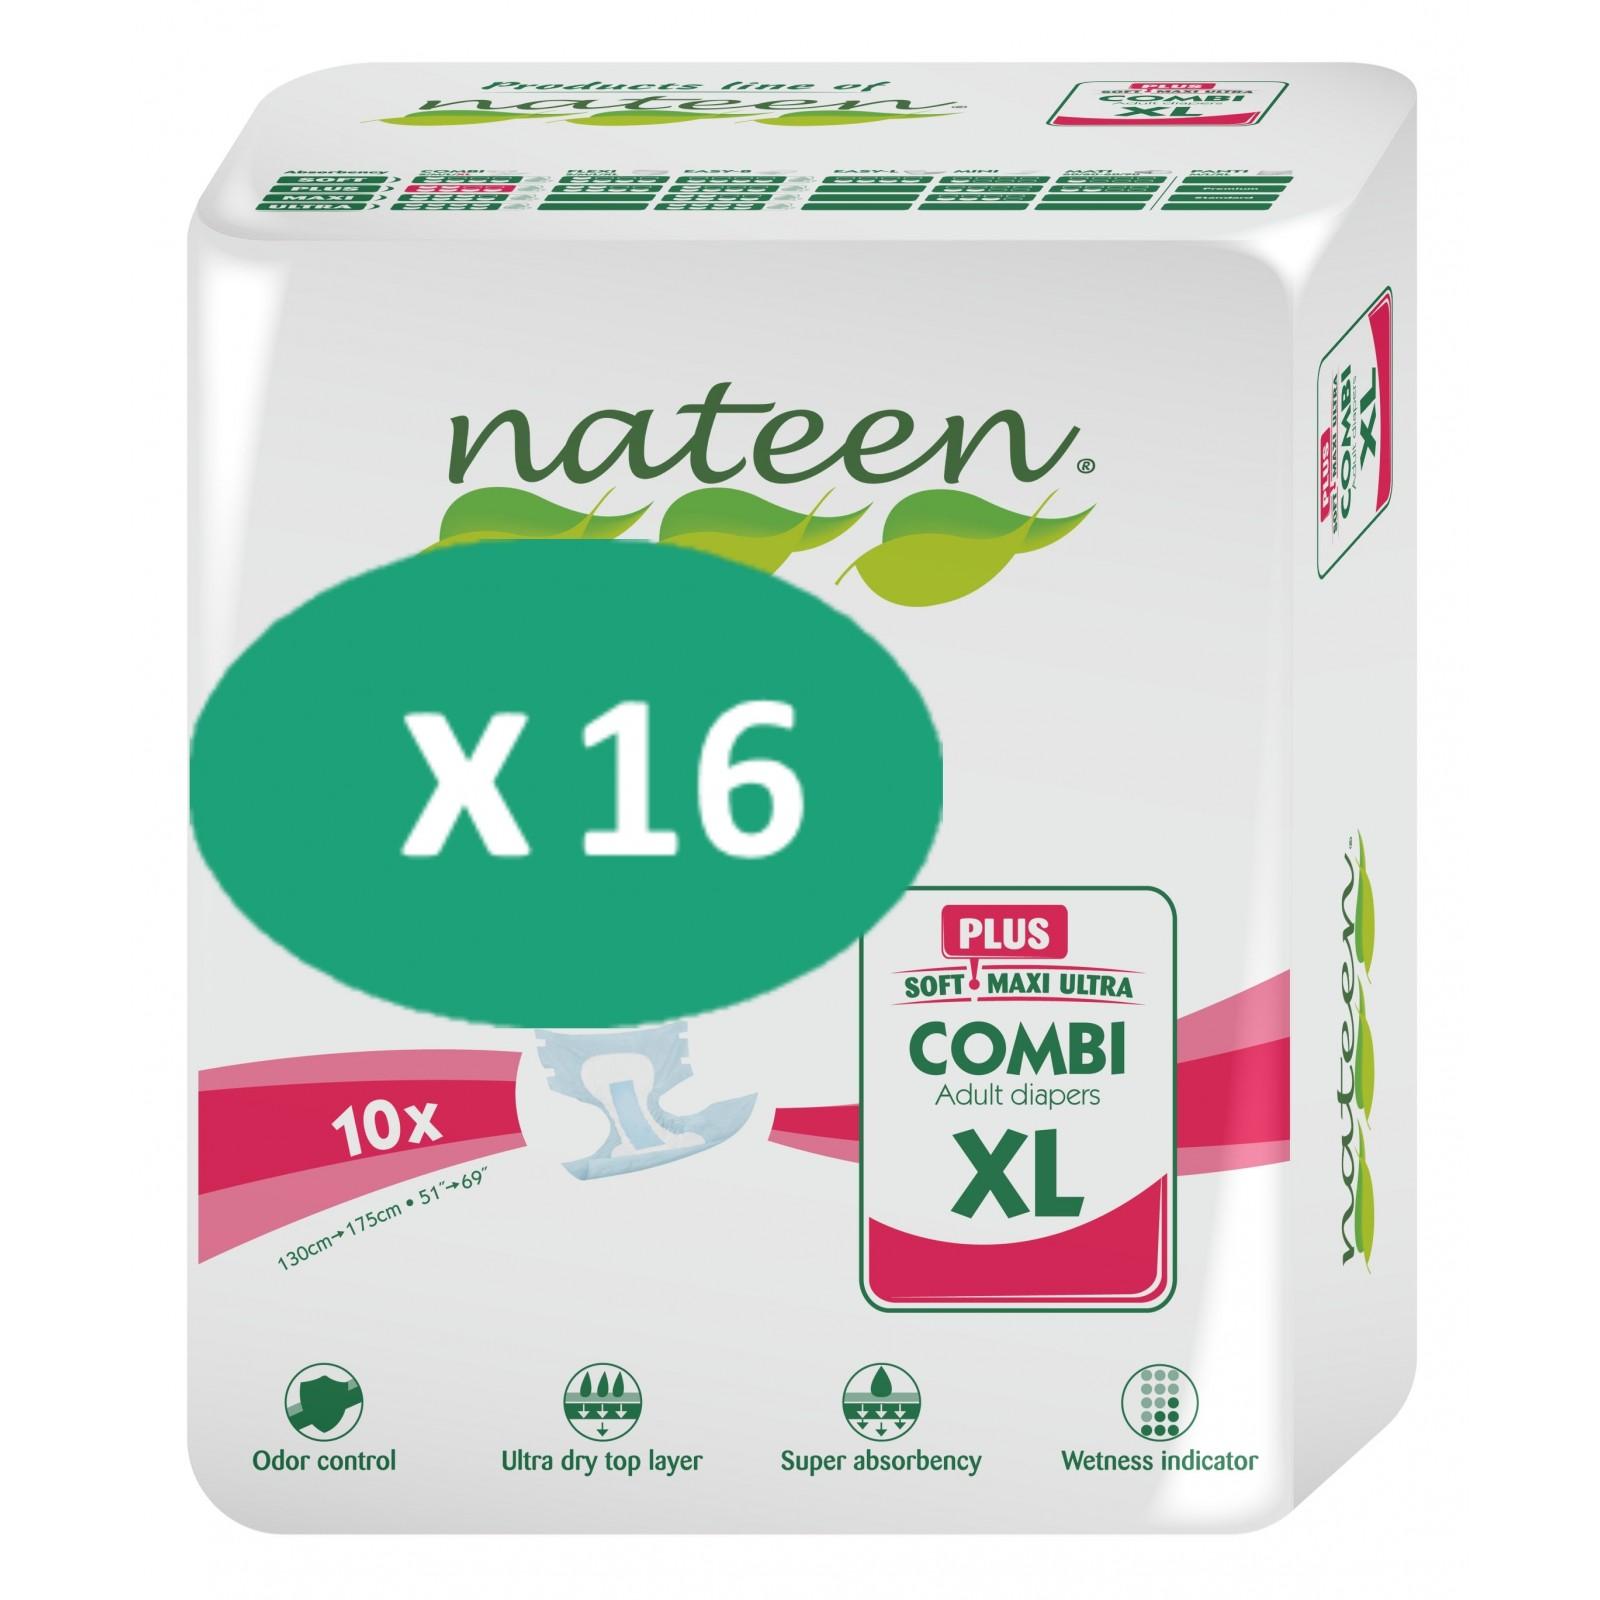 16 paquets de Nateen Combi Plus XL| SenUp.com